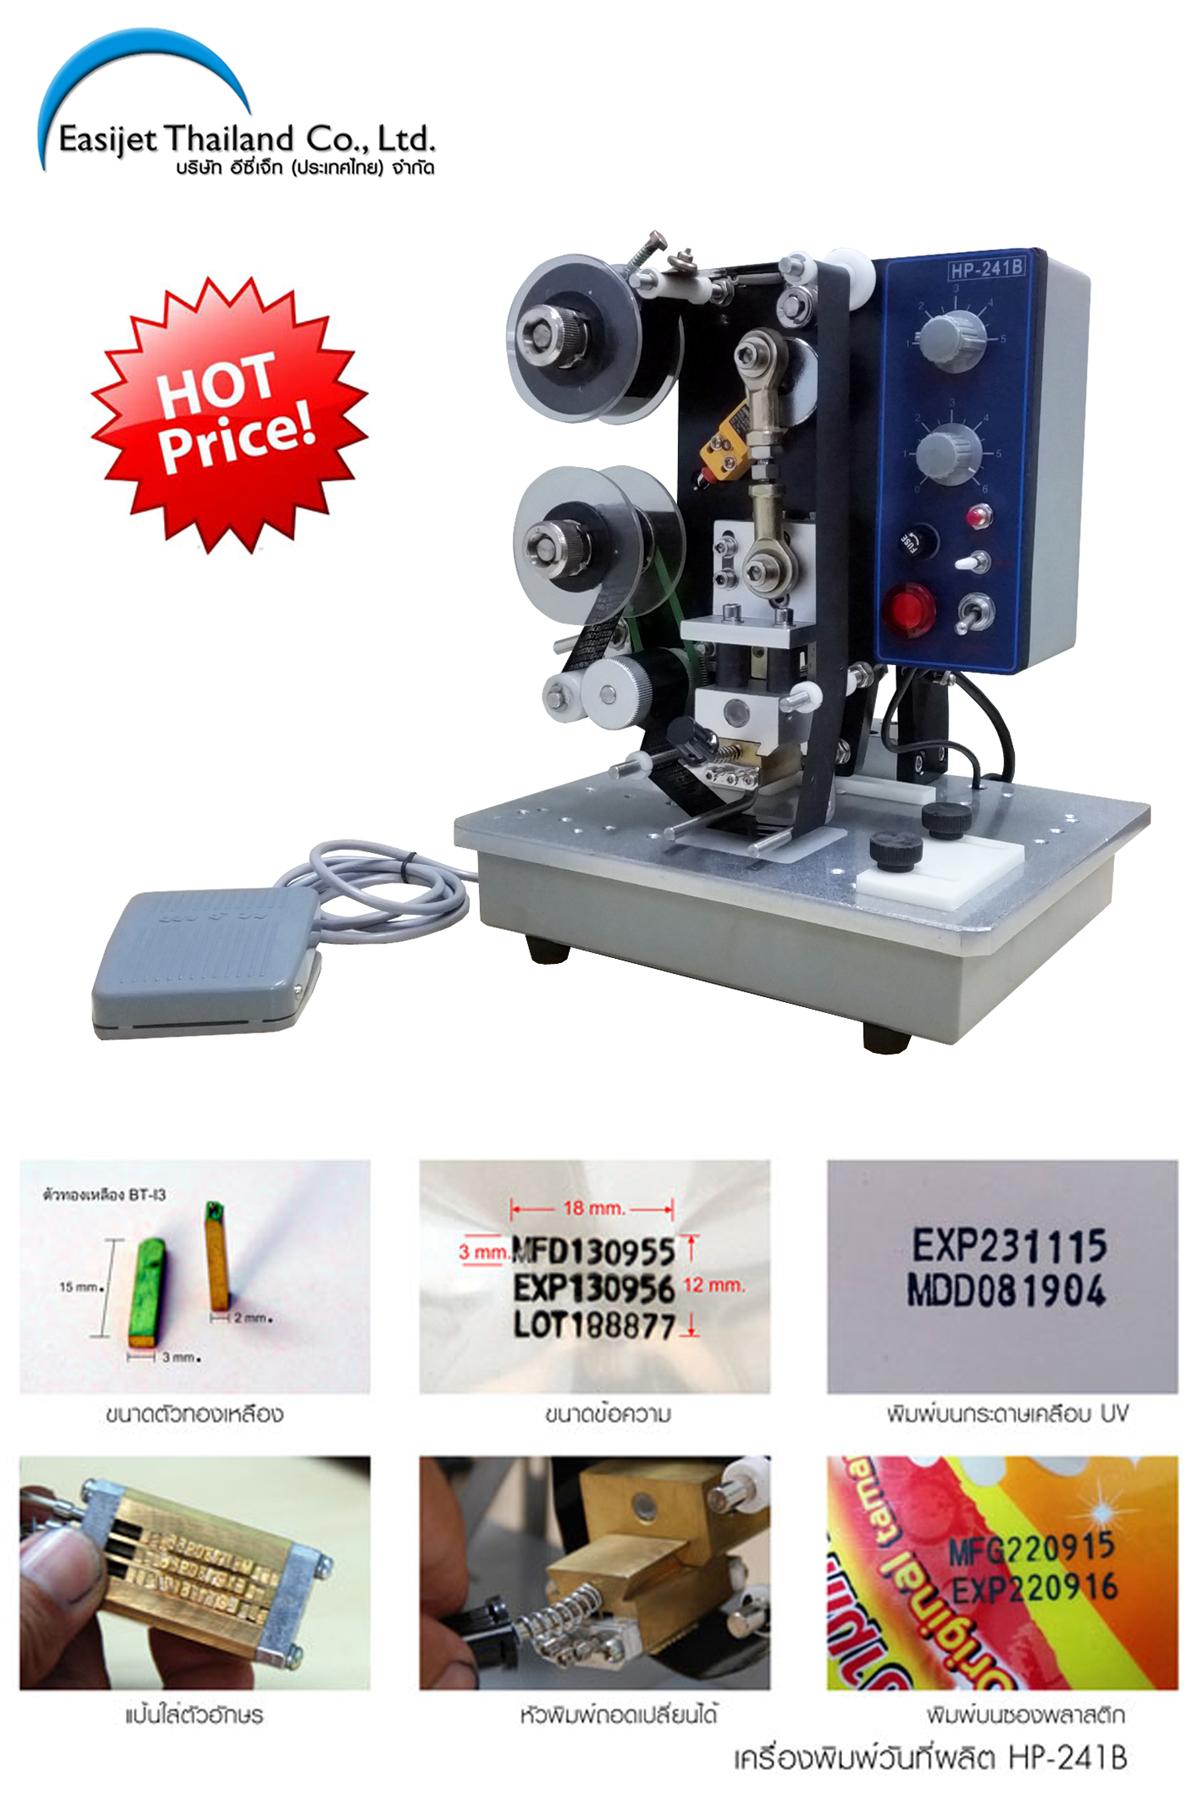 เครื่องพิมพ์วันที่ผลิต วันหมดอายุกึ่งอัตโนมัติ HP-241B เครื่องพิมพ์วันที่ผลิต ราคาไม่แพง ให้ข้อความคมชัด เหมาะกับงานกล่องเครื่องสำอางค์ ฉลาก ฟิลม์หด